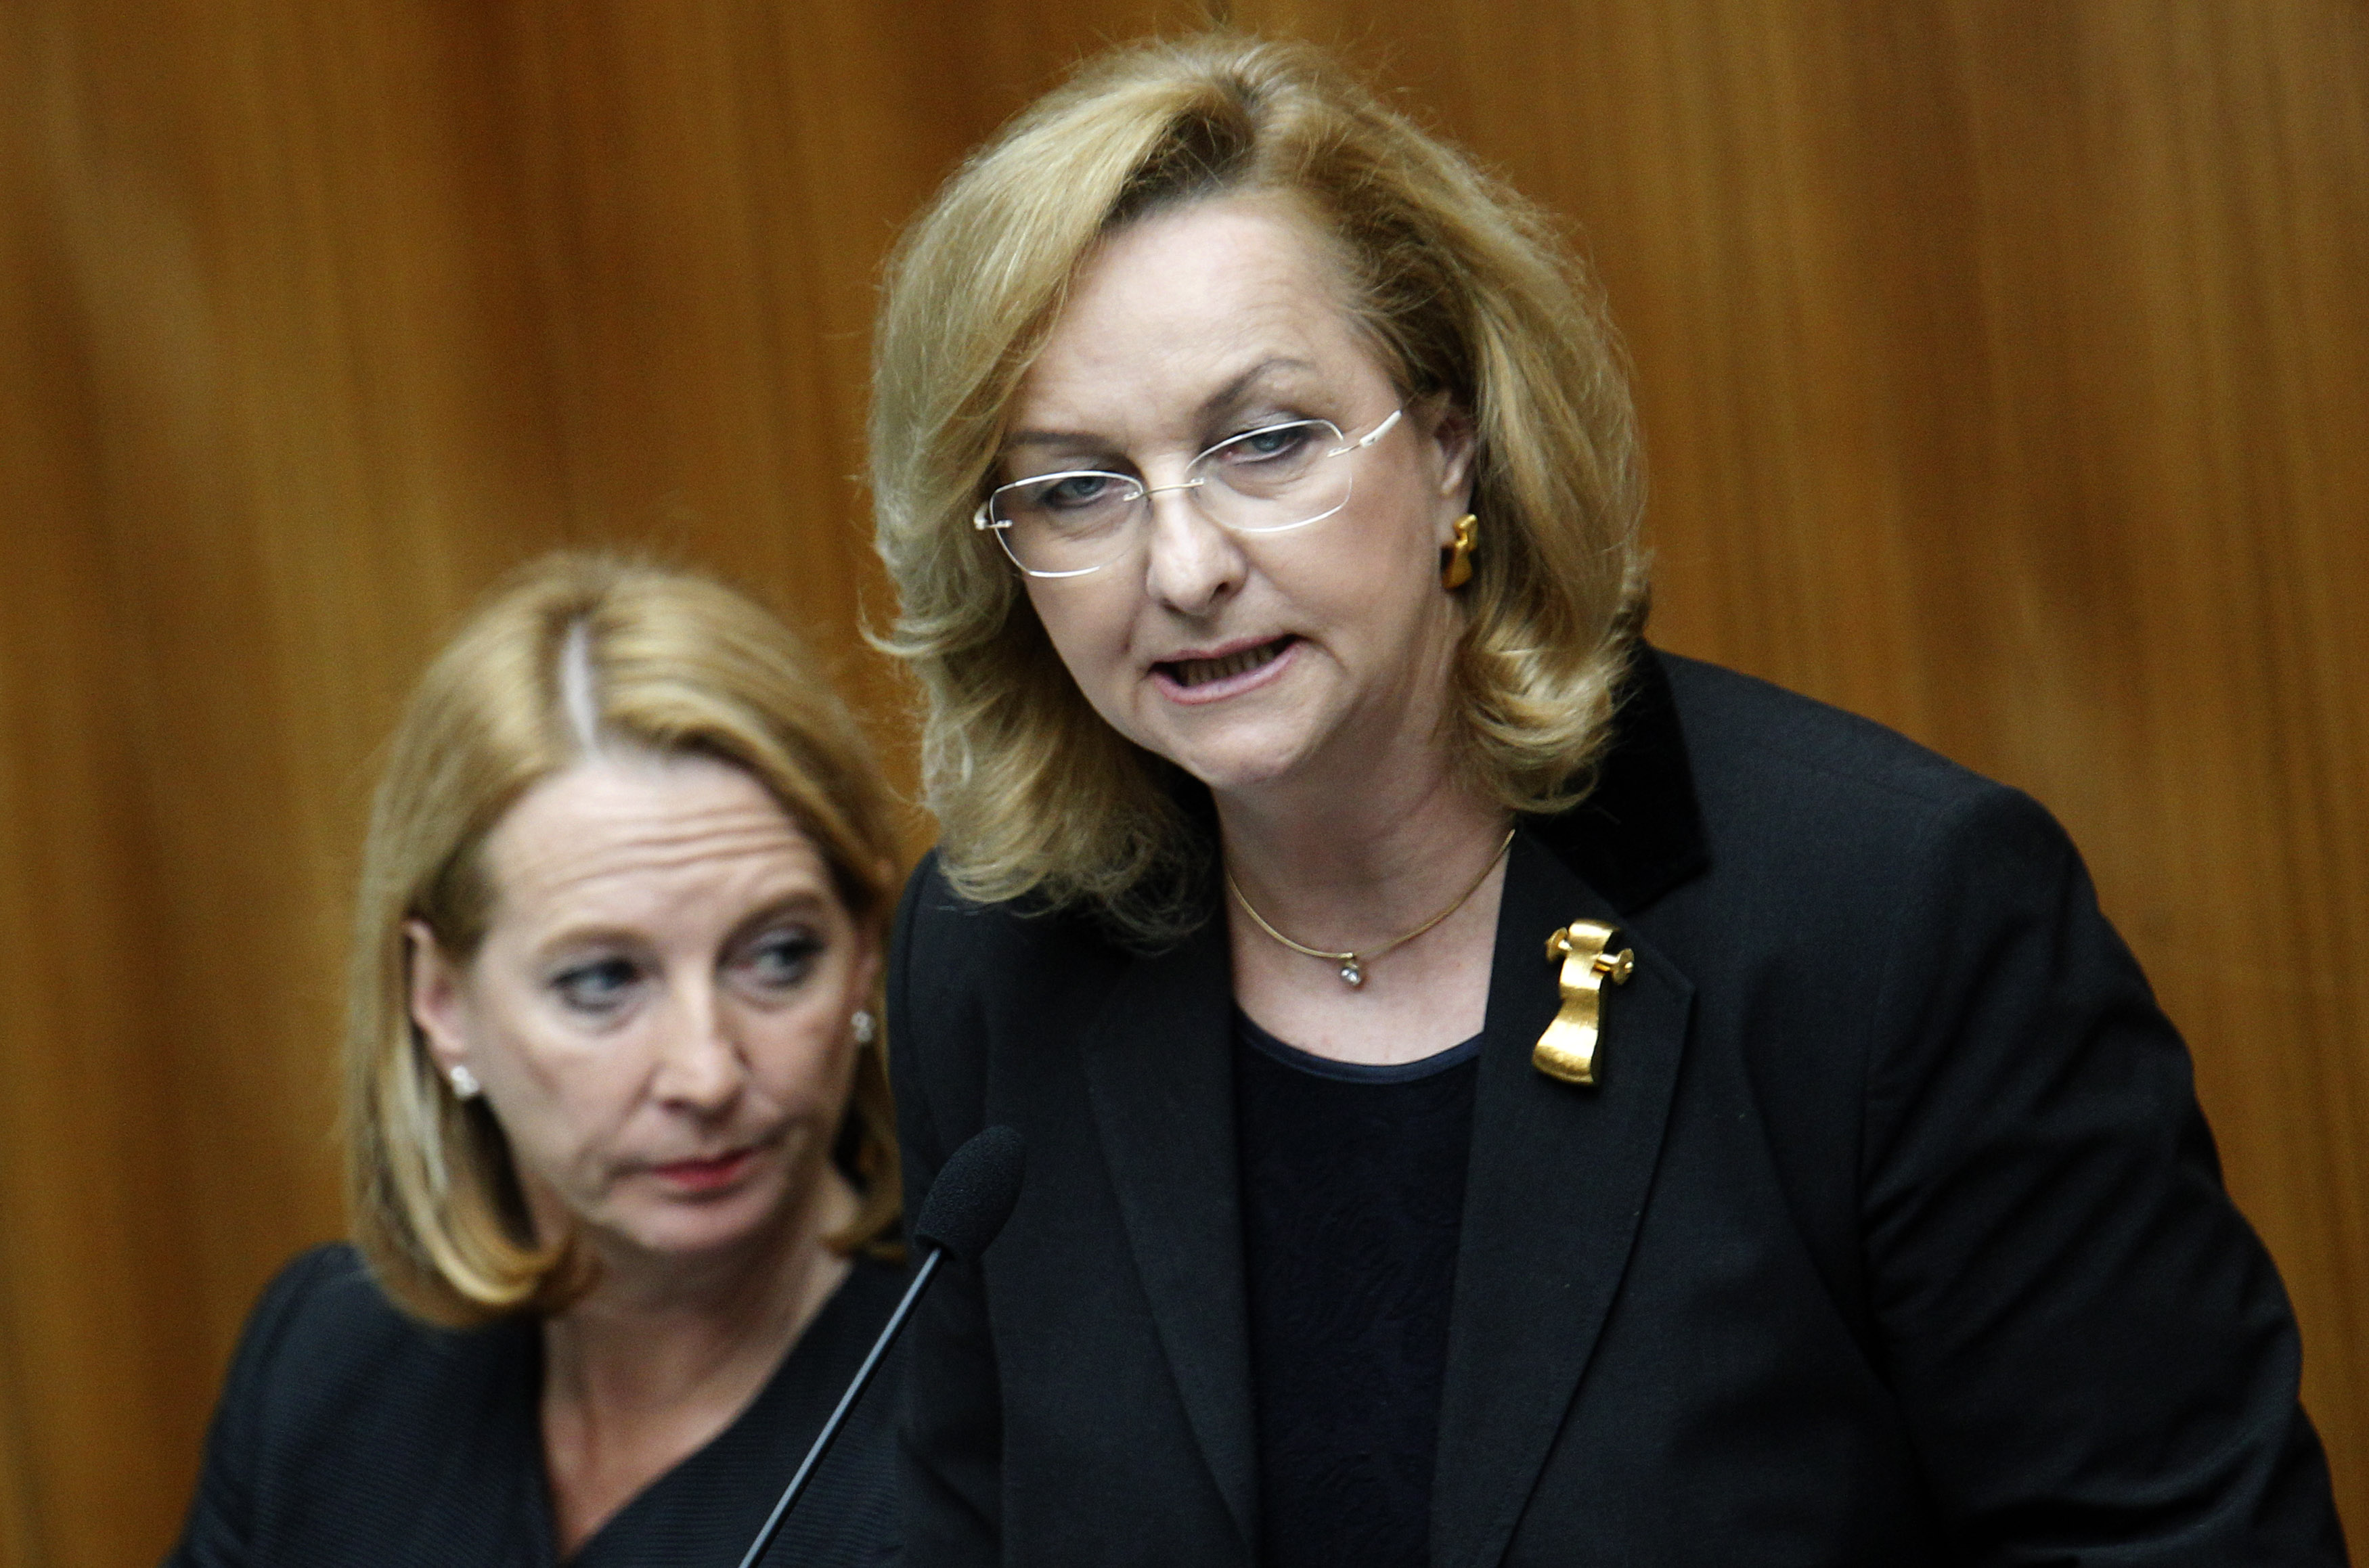 La ministra da finanzas da l'Austria, Maria Fekter.